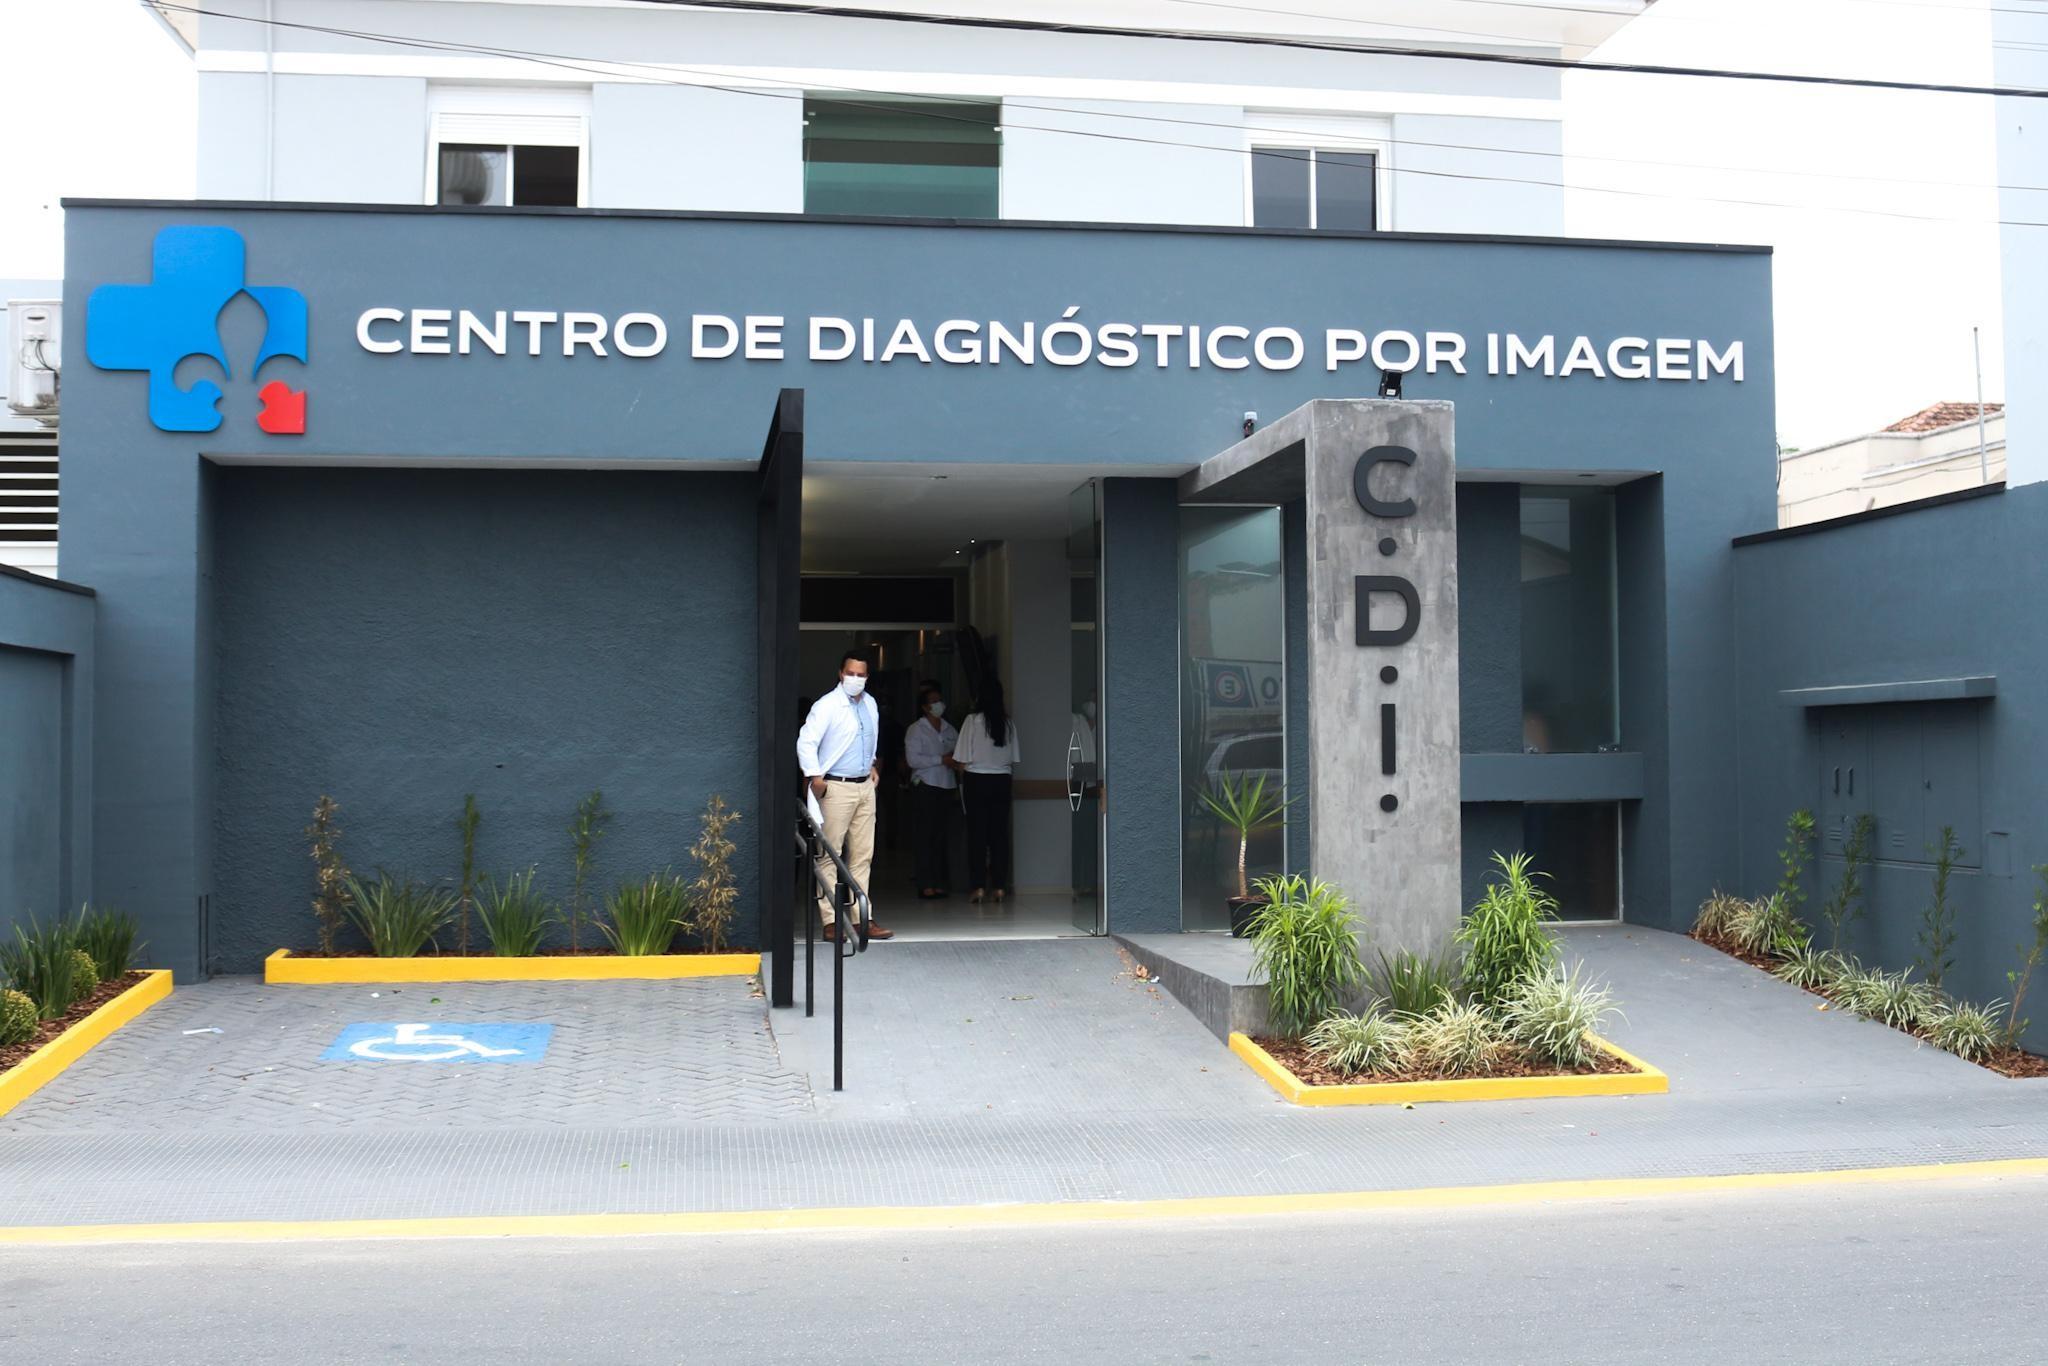 Santa Casa de Lorena reinaugura Centro de Diagnóstico por Imagem com equipamento inédito na região